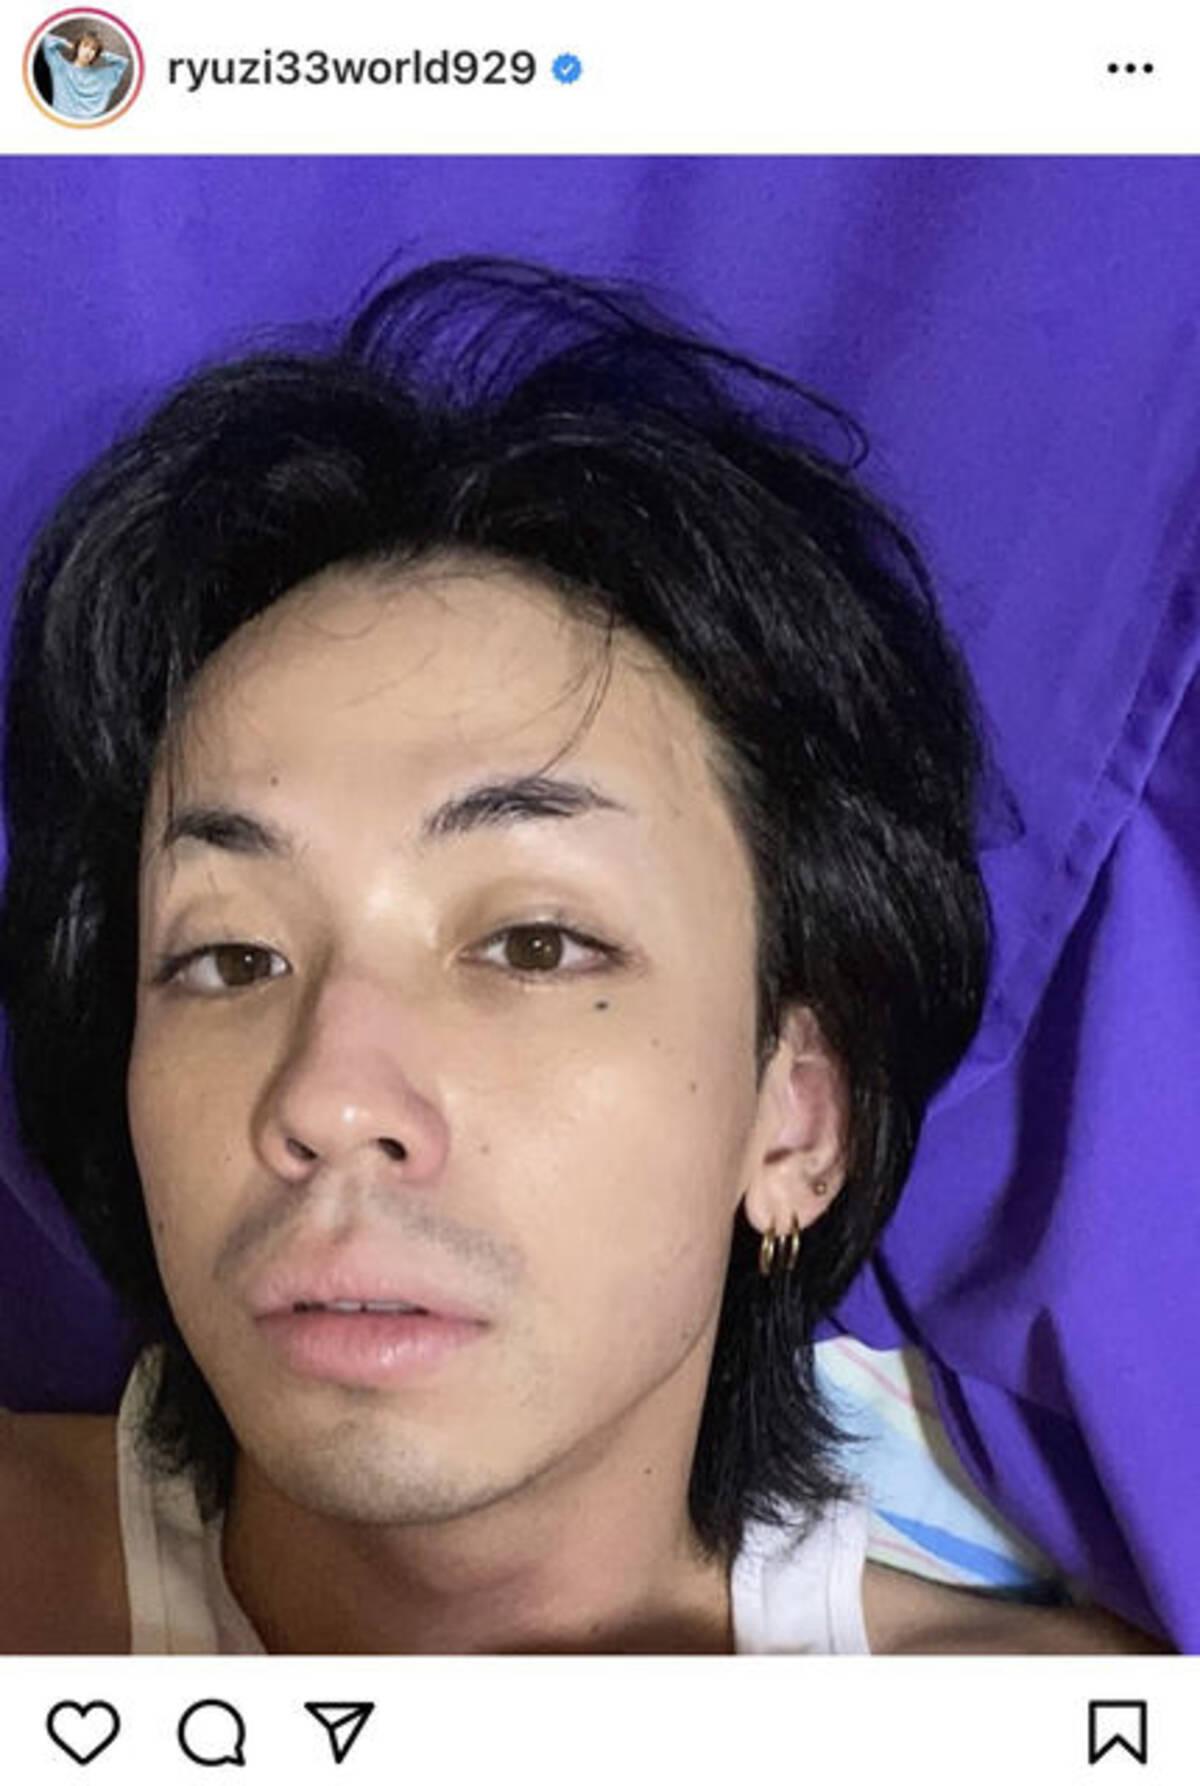 黒髪りゅうちぇるのすっぴんショットが「プリンスにめっちゃ似てる」と話題 - ローリエプレス